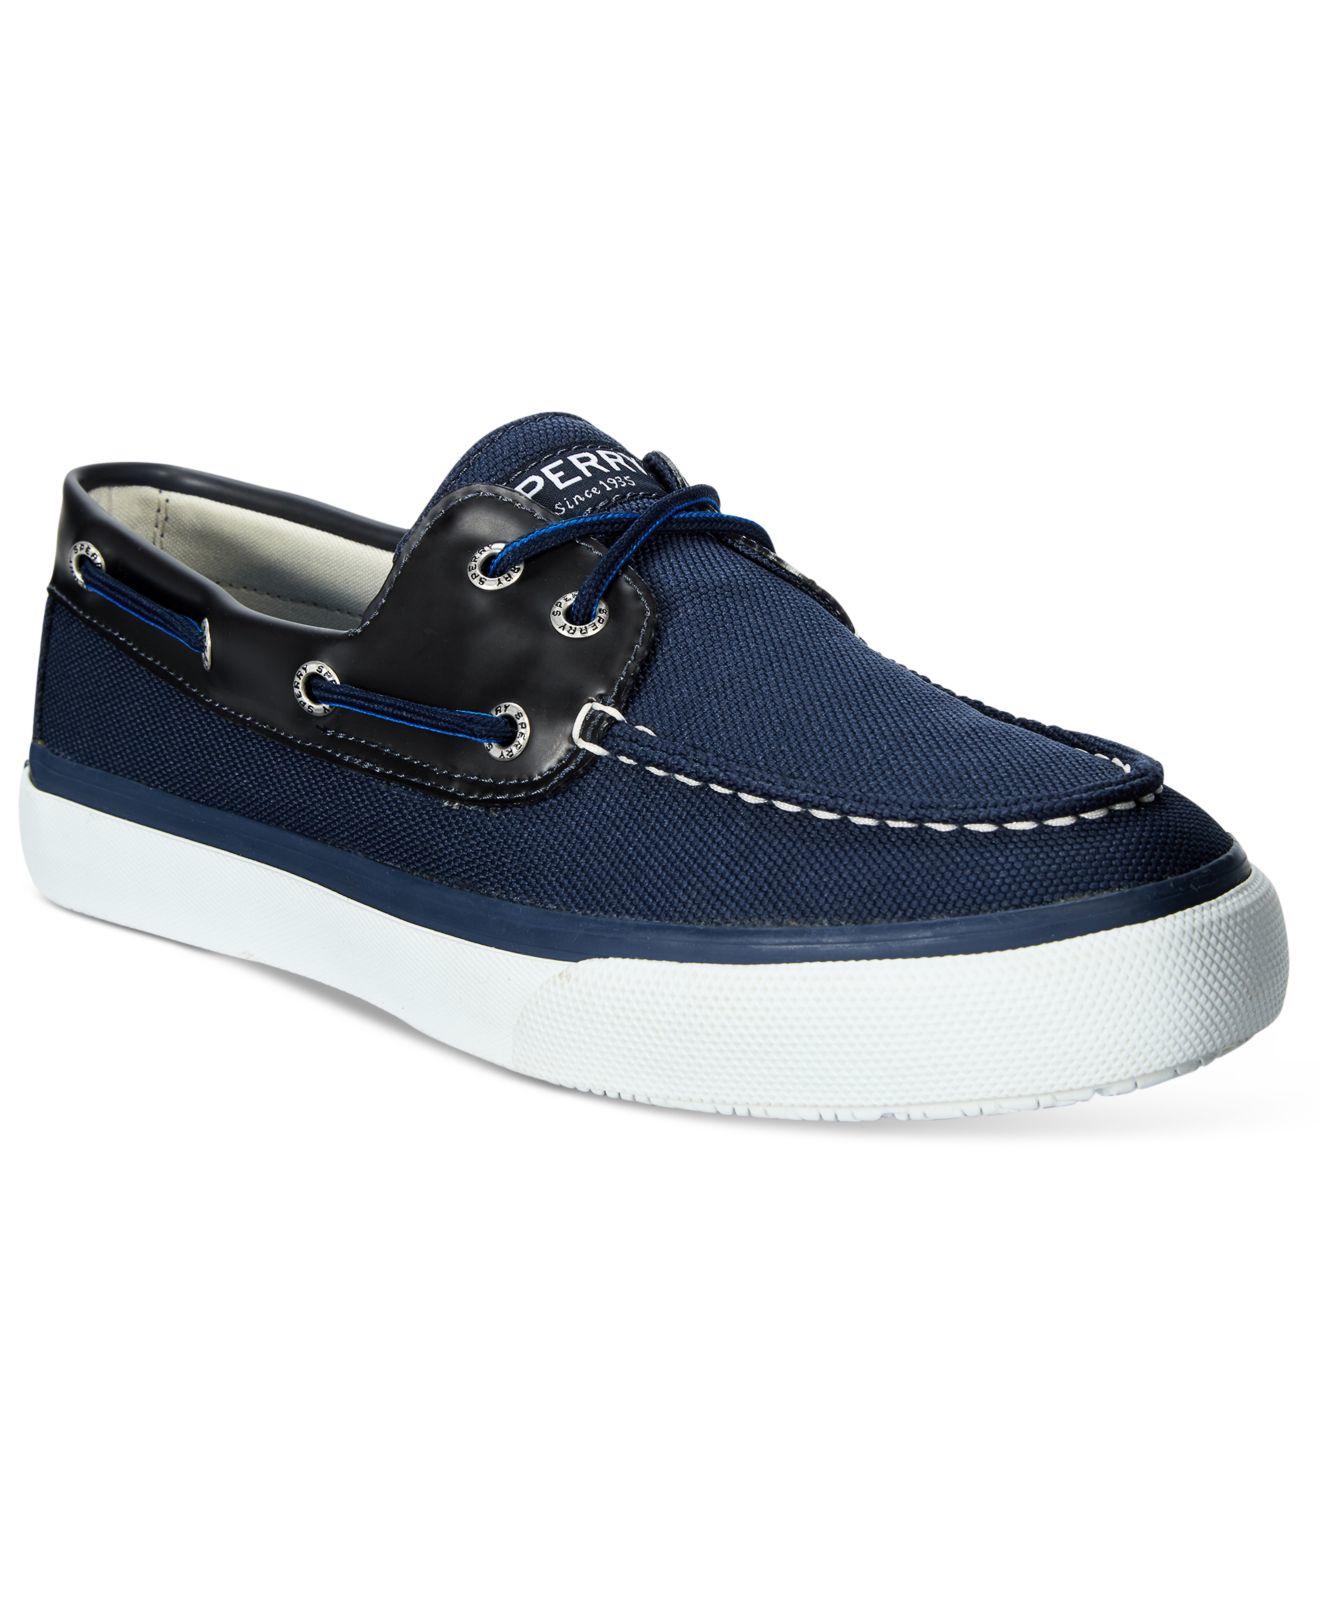 Jaeger Shoes Men